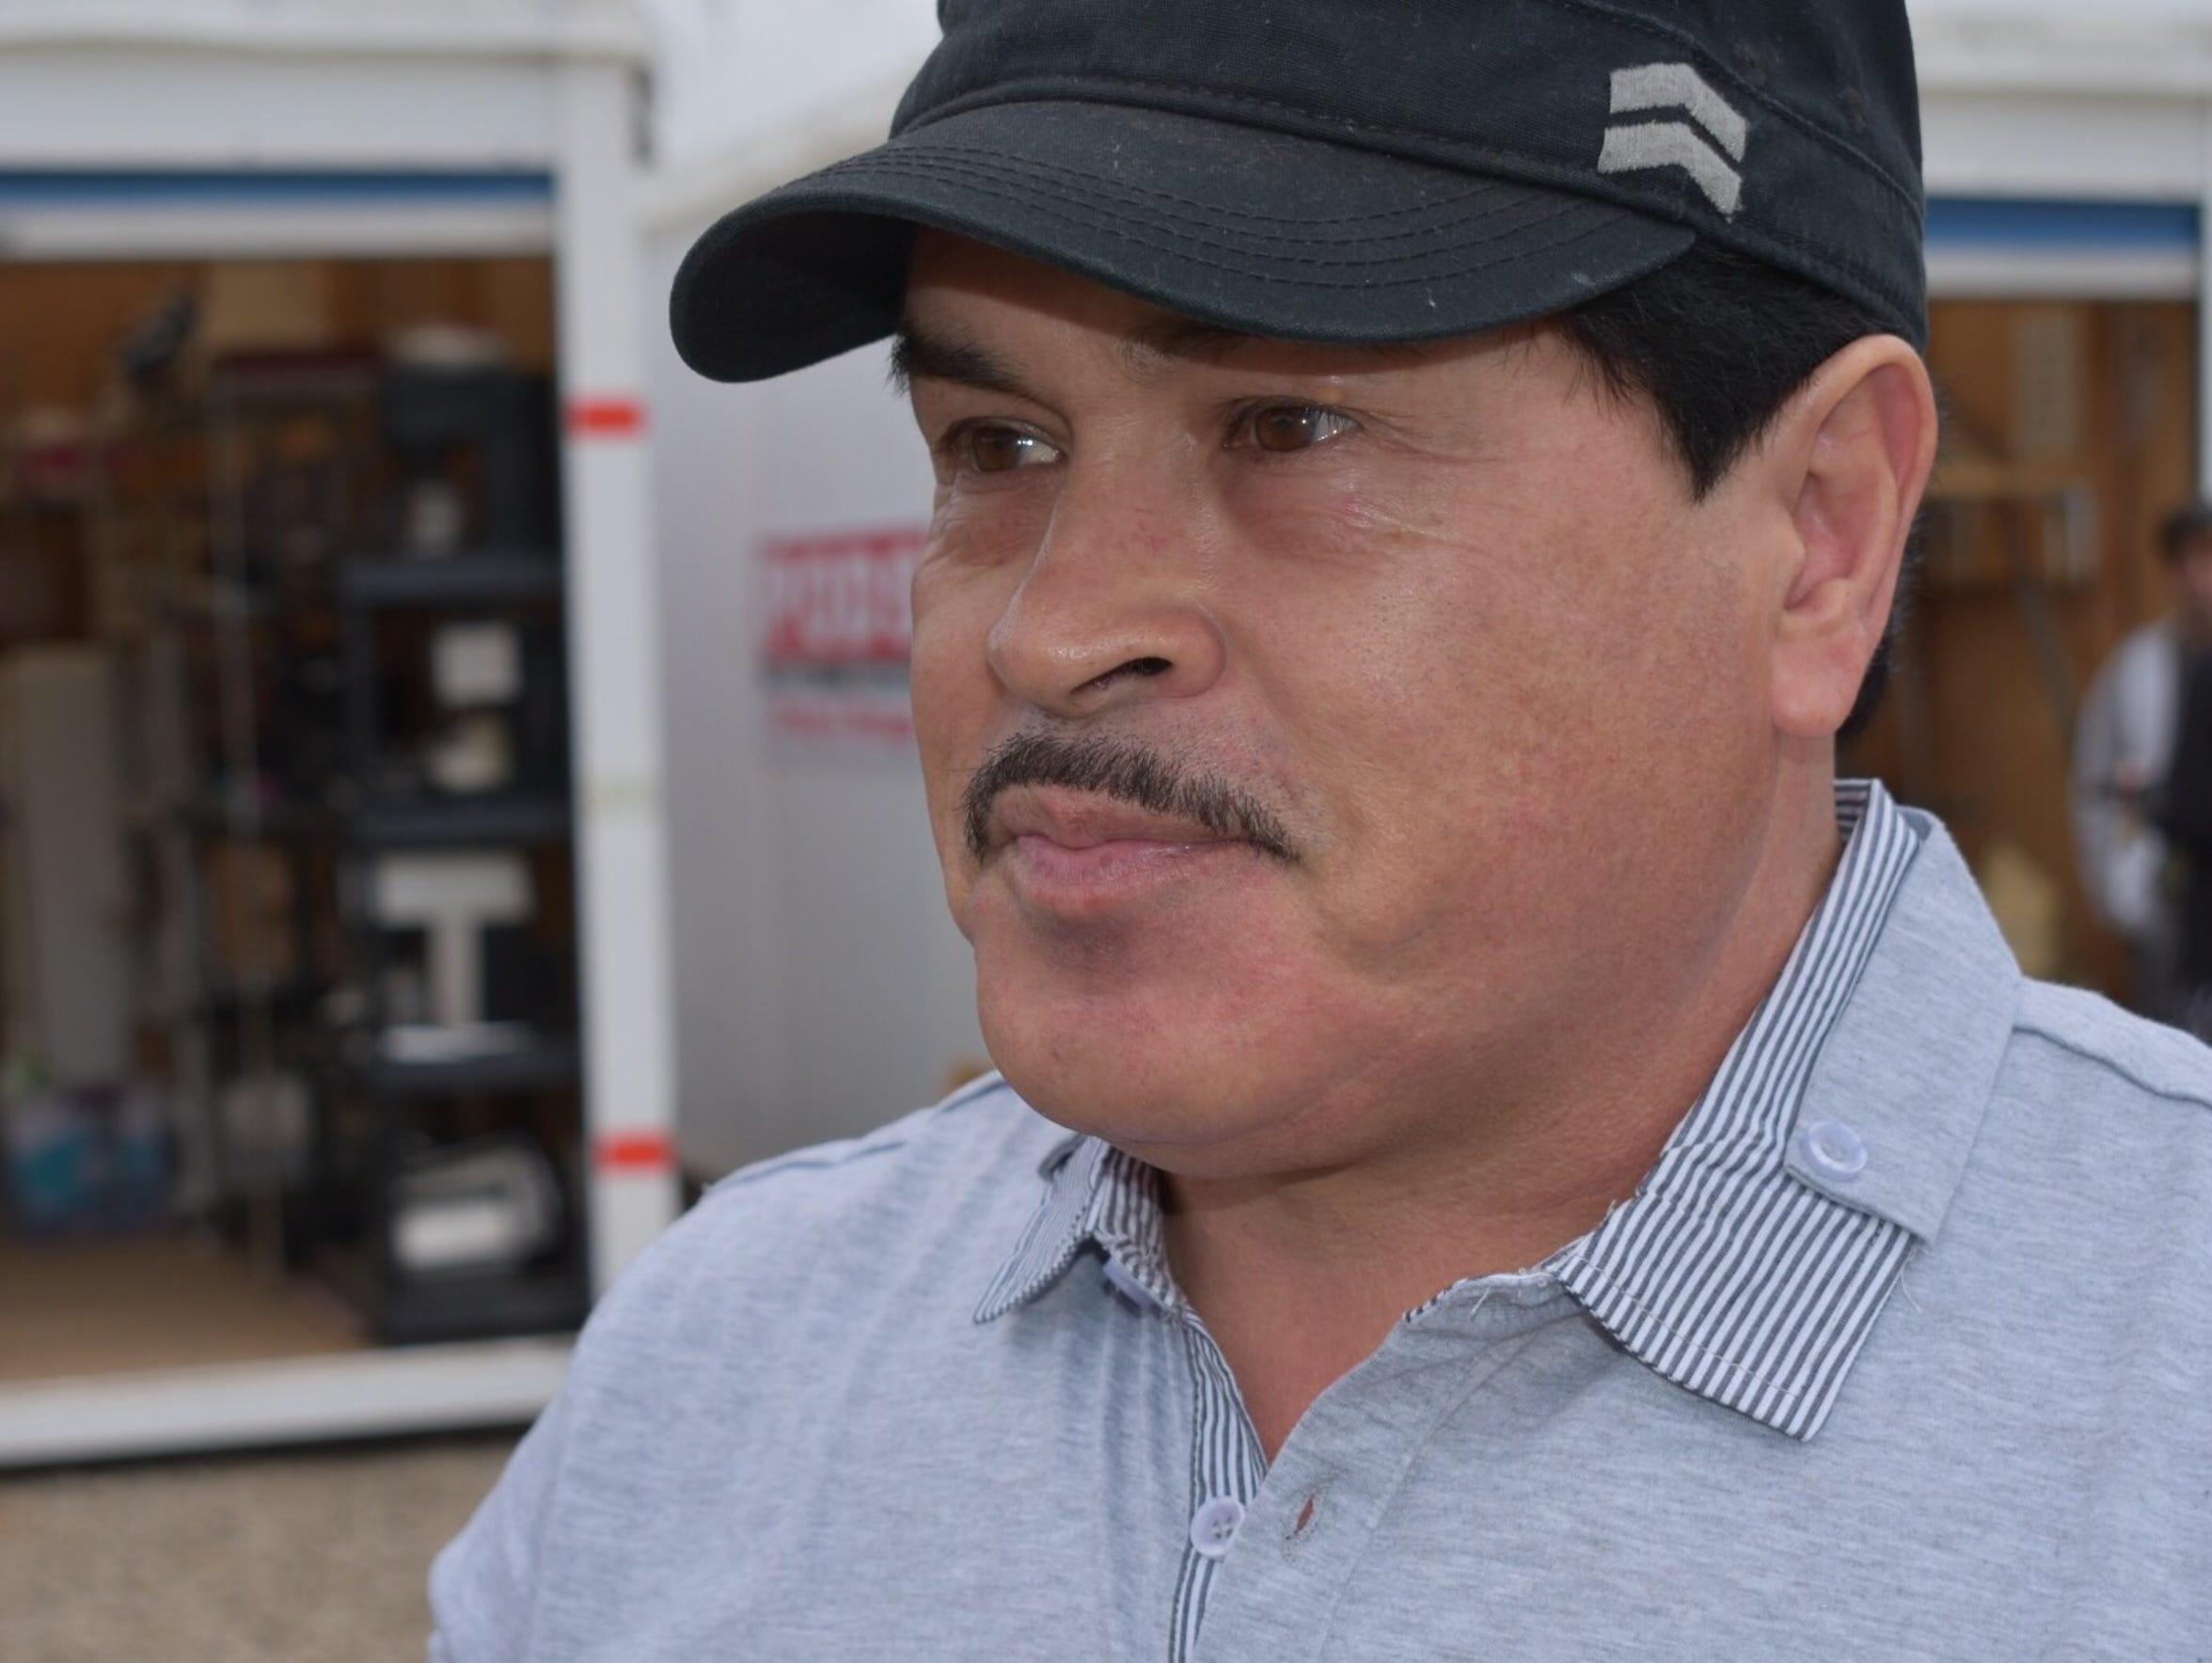 Daniel Vazquez, of Upper Ojai, was temporarily homeless